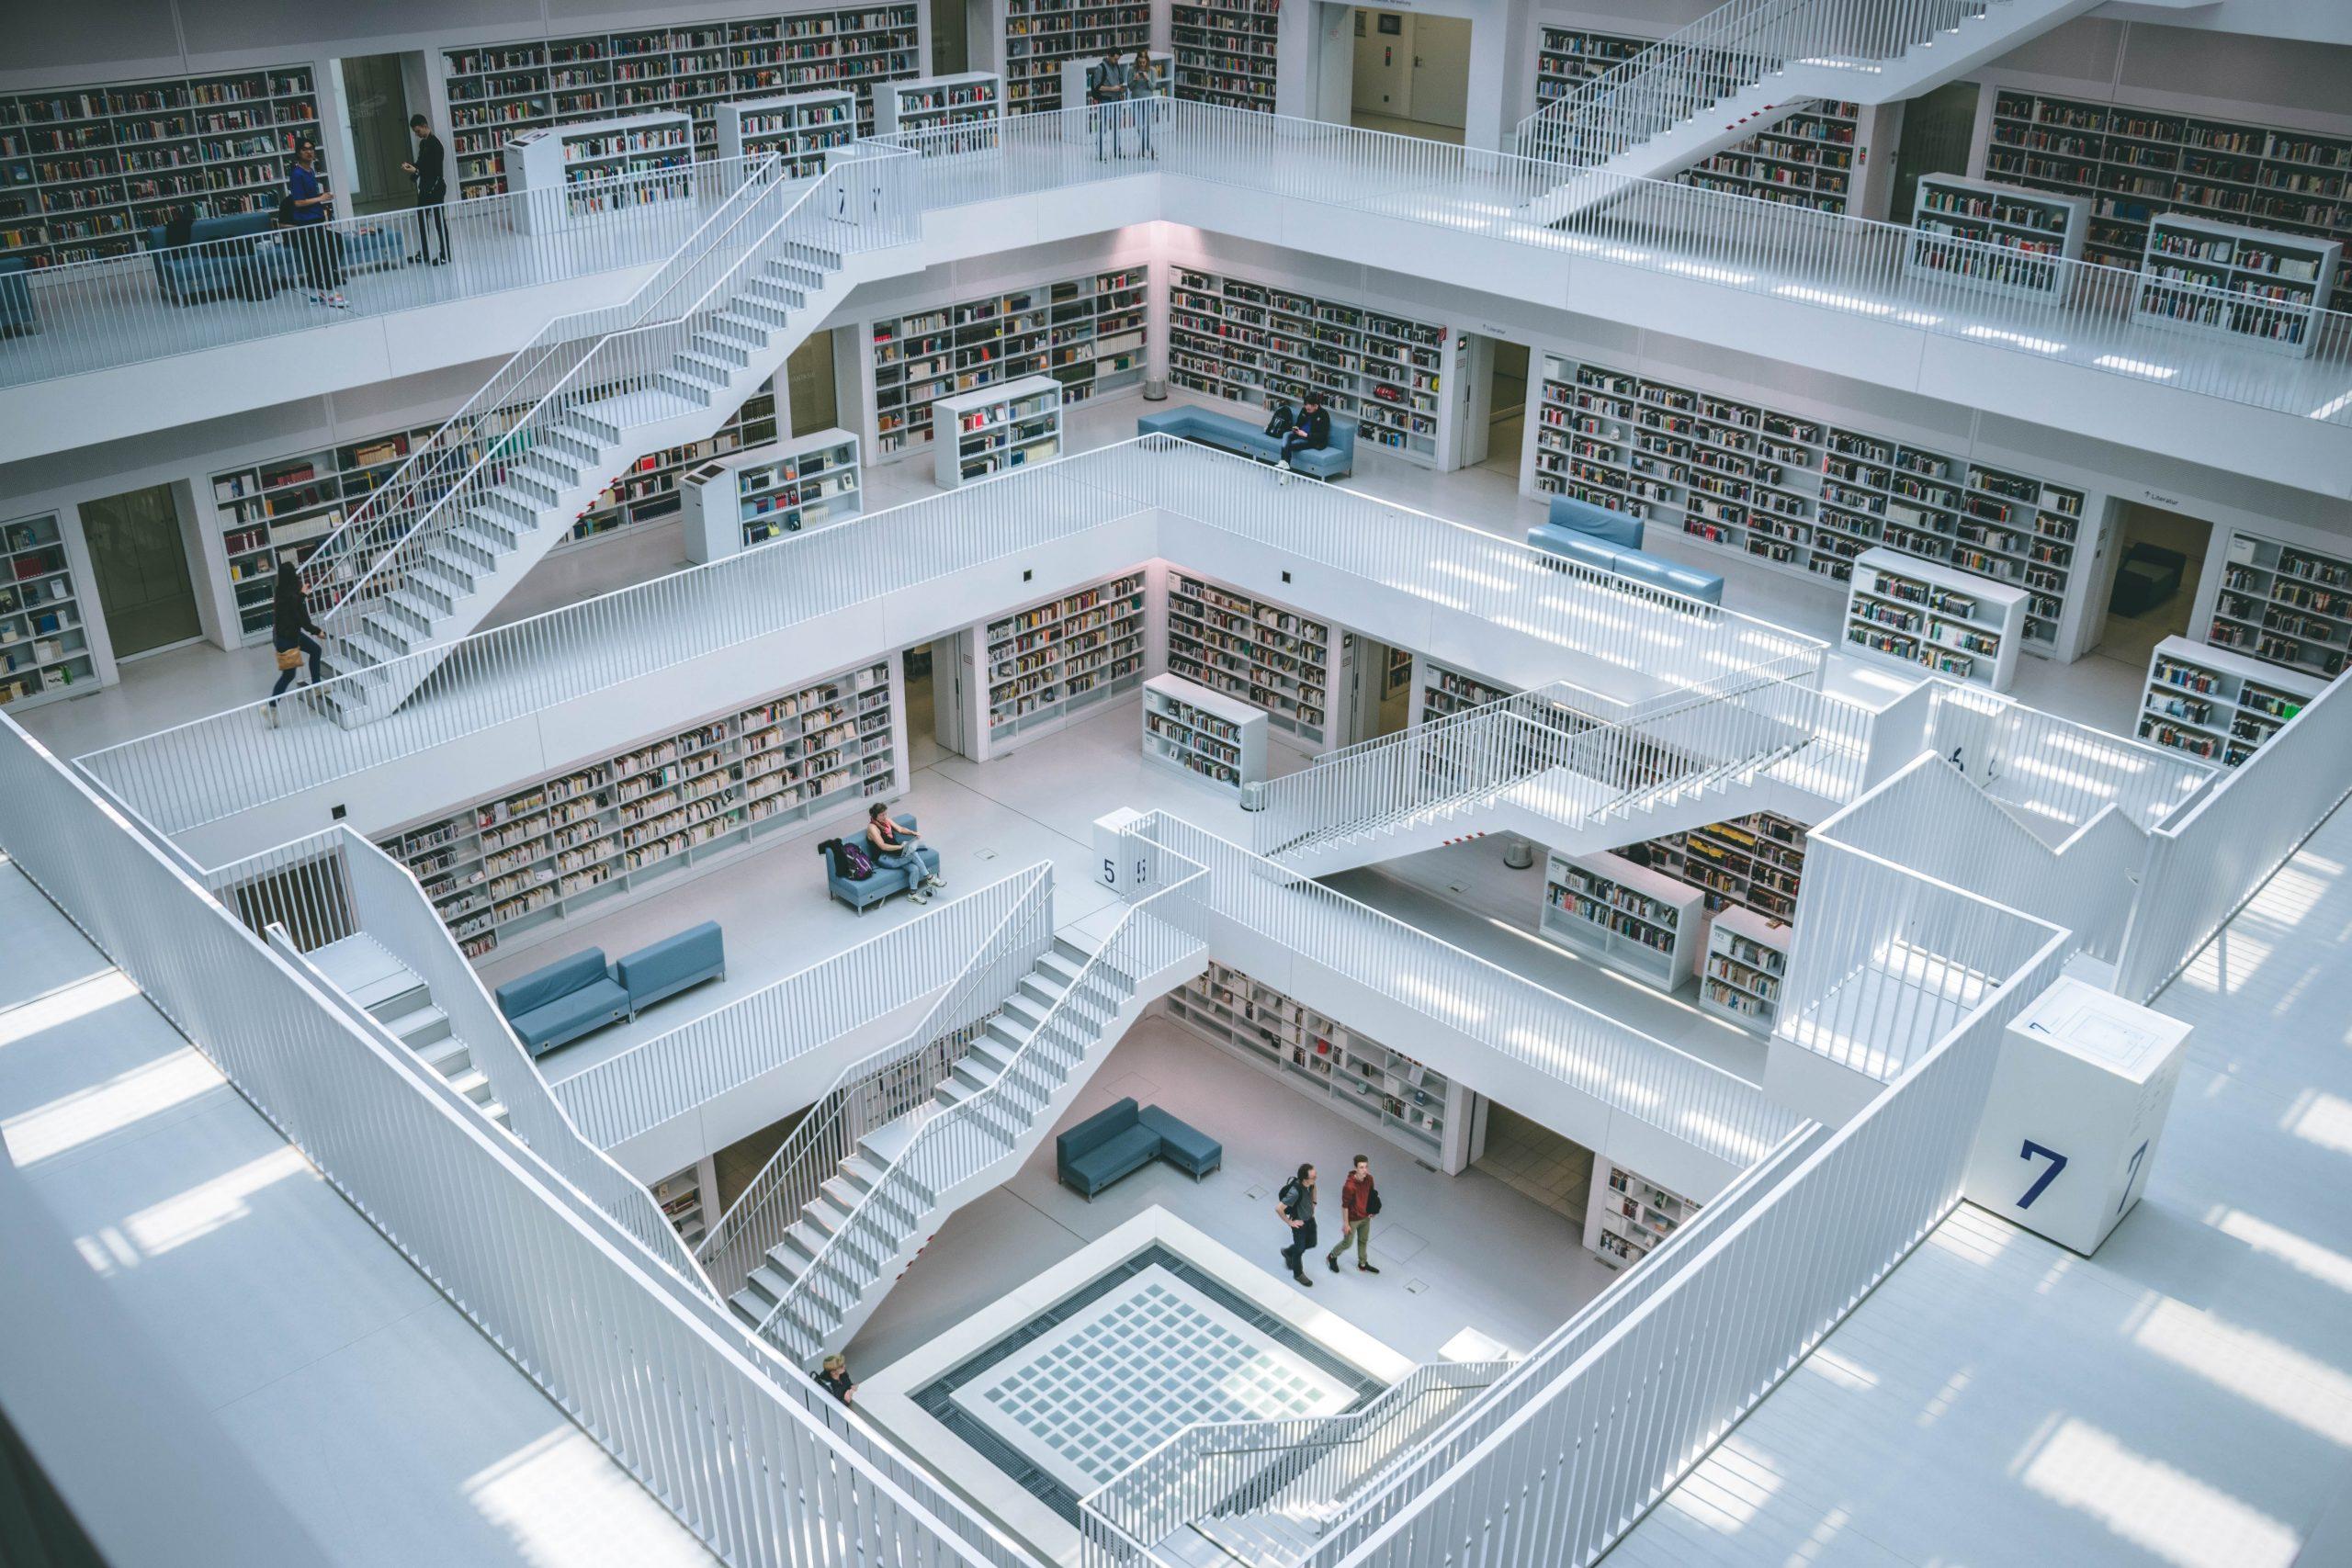 people walking inside library